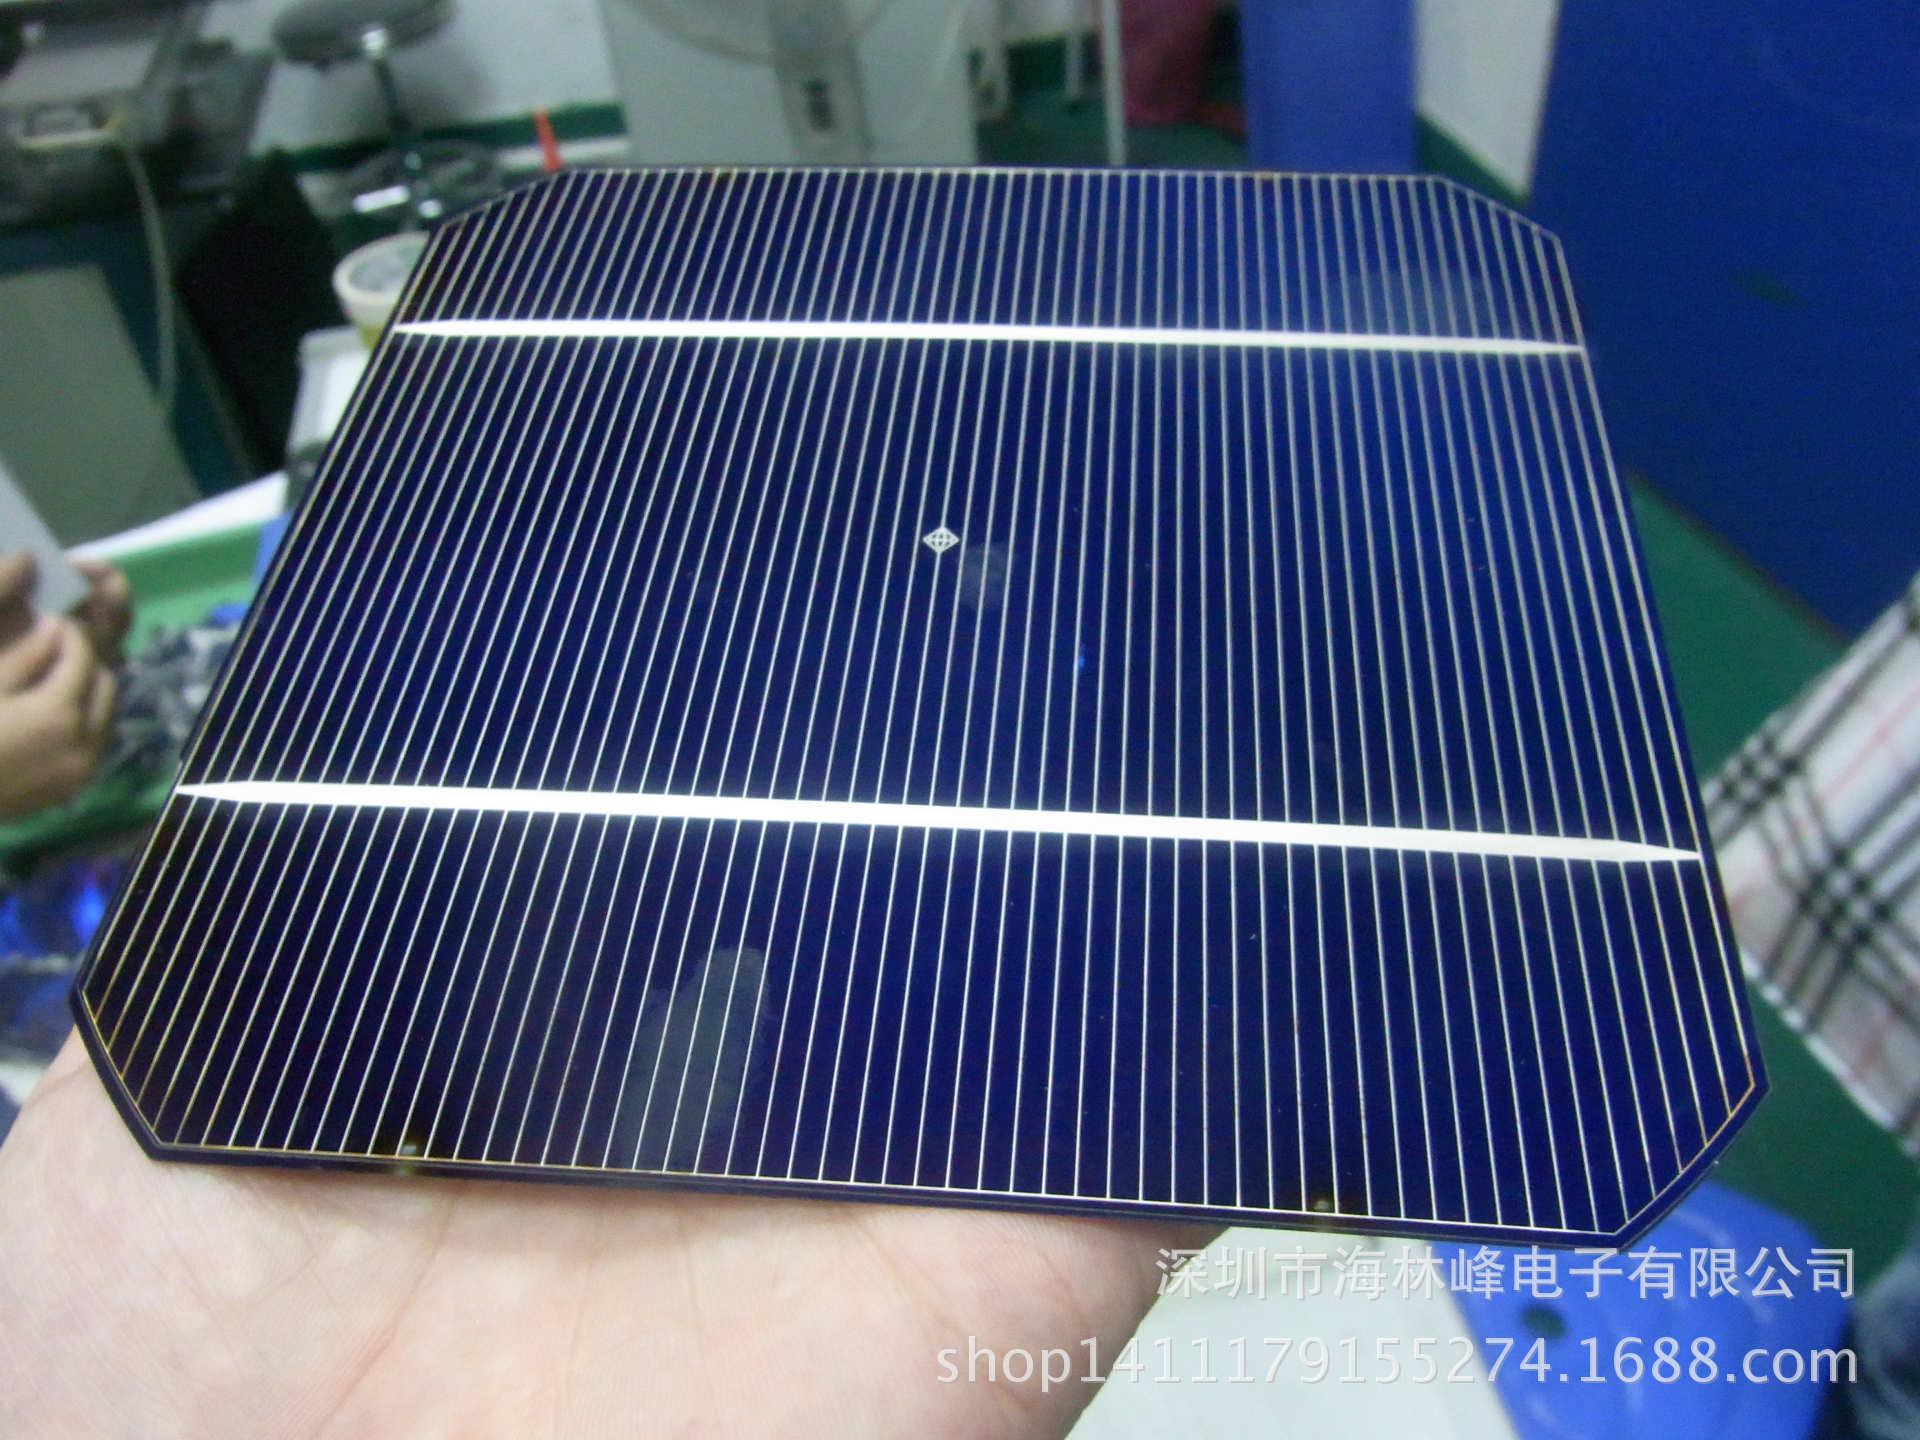 太阳能板,滴胶太阳能板,PET层压太阳能板,太阳能充电器2W,5W